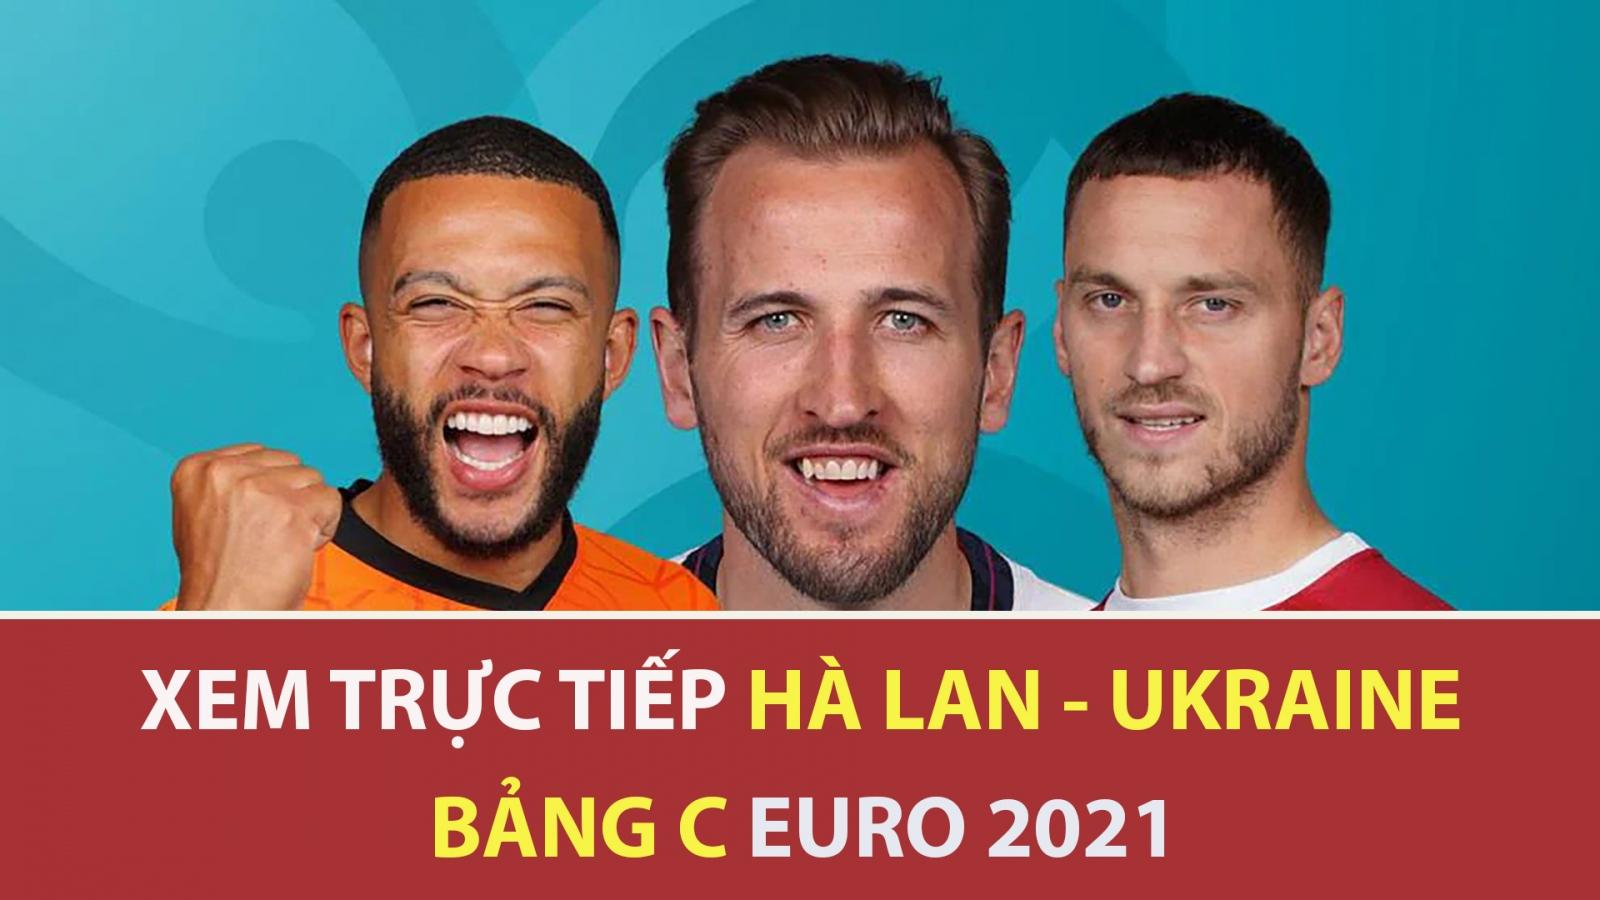 Cách xem trực tiếp ĐT Hà Lan vs ĐT Ukraine bảng C EURO 2021